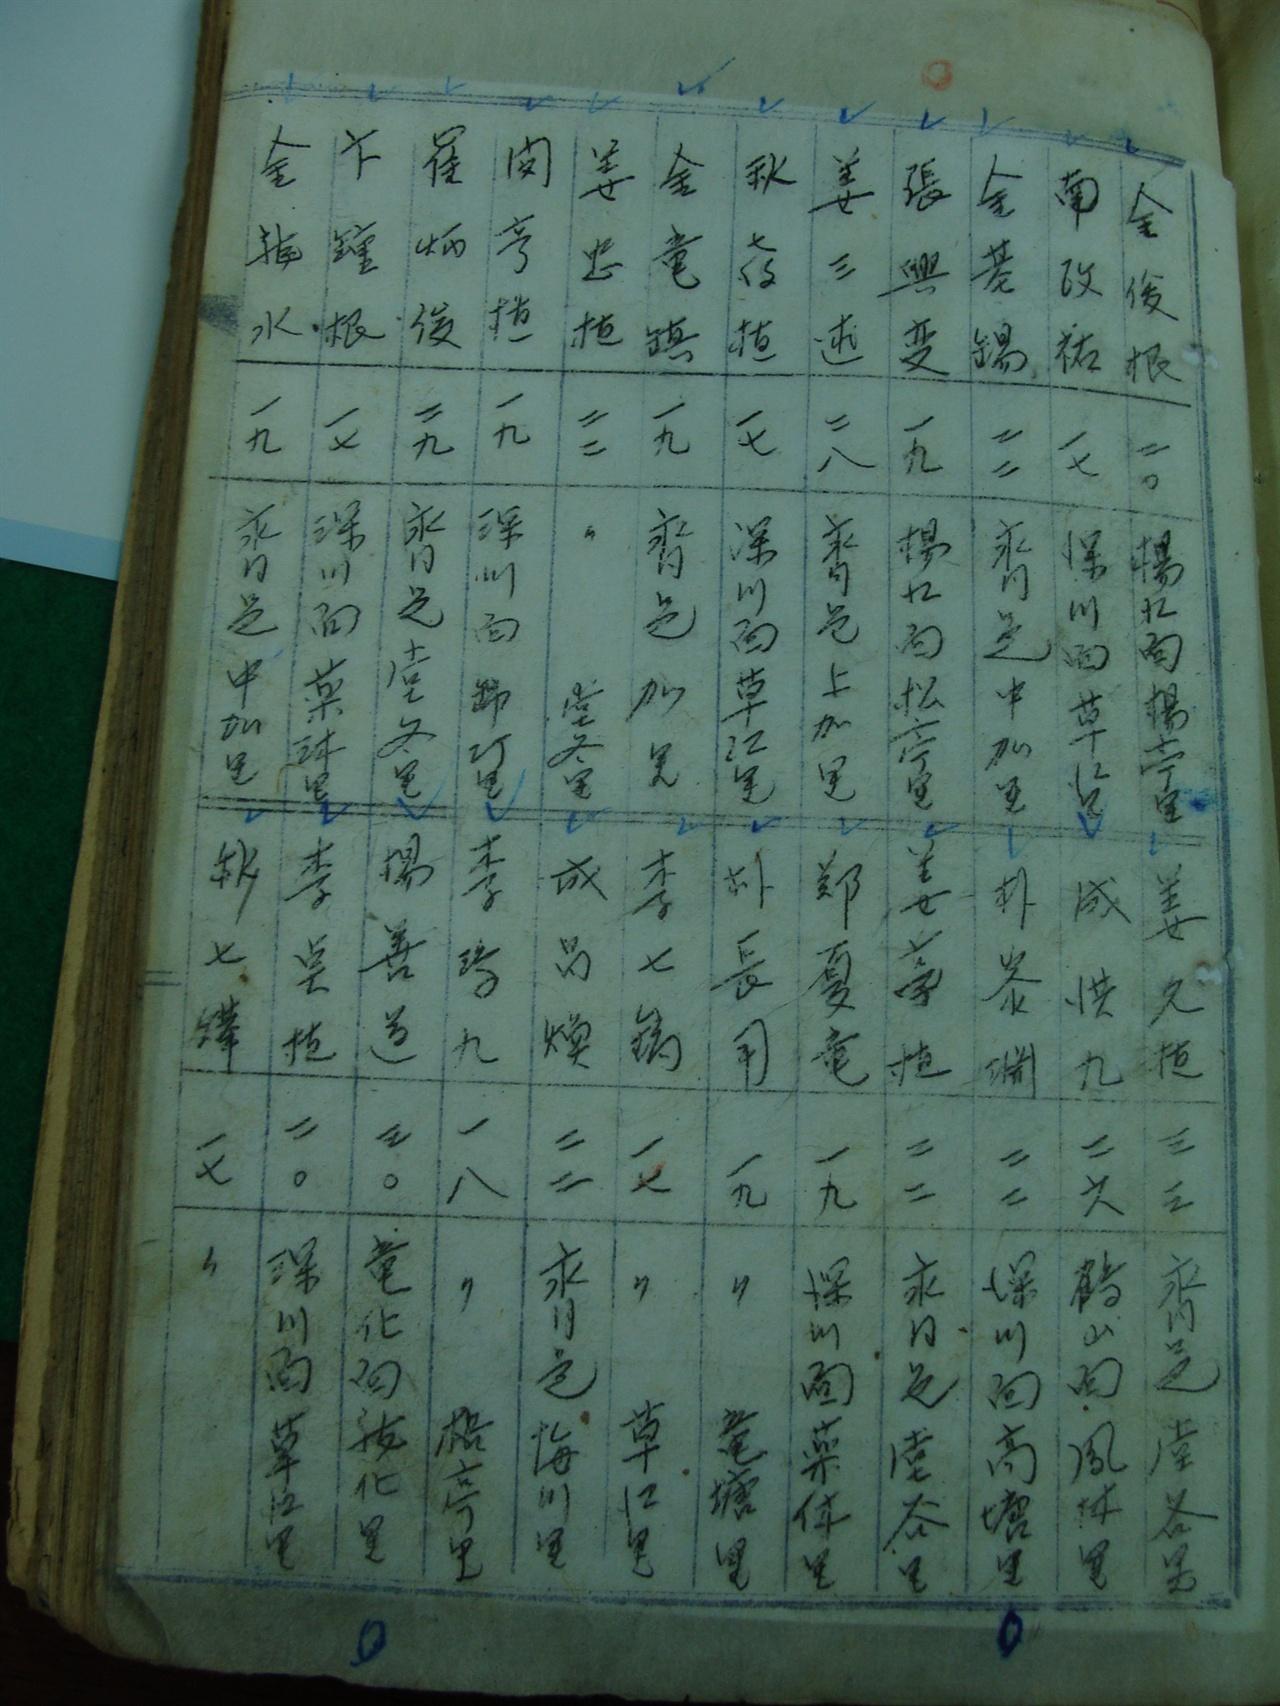 포로수용소에 연행된 영동군 민간인 명부 강형식이 기록된 포로수용소 수감자 명부